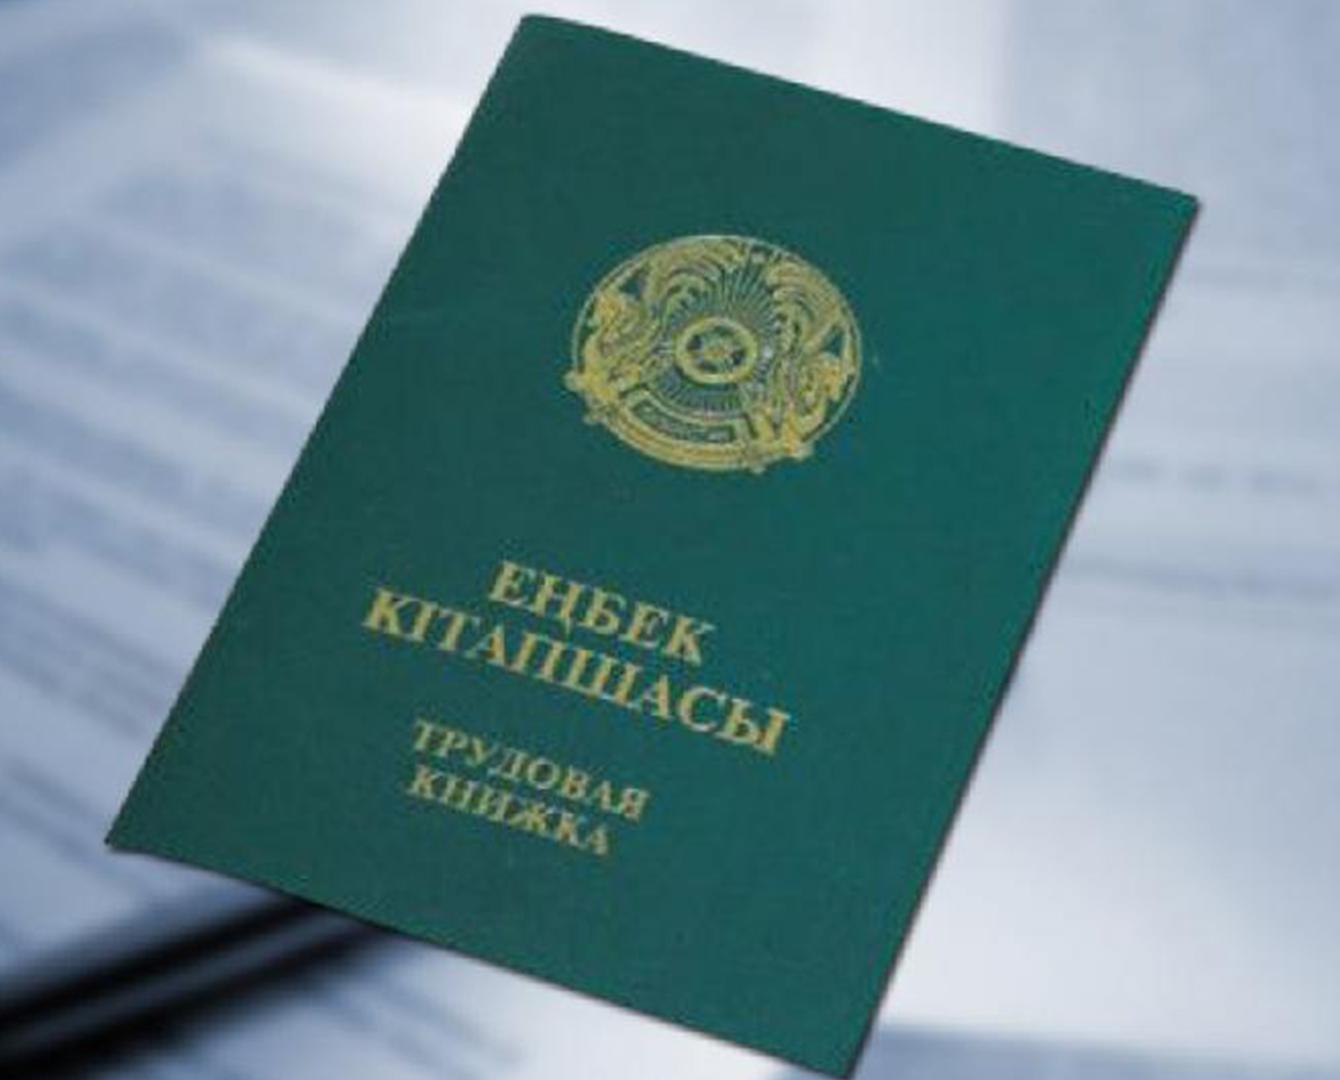 Трудовая книжка казахстанцев стала электронной